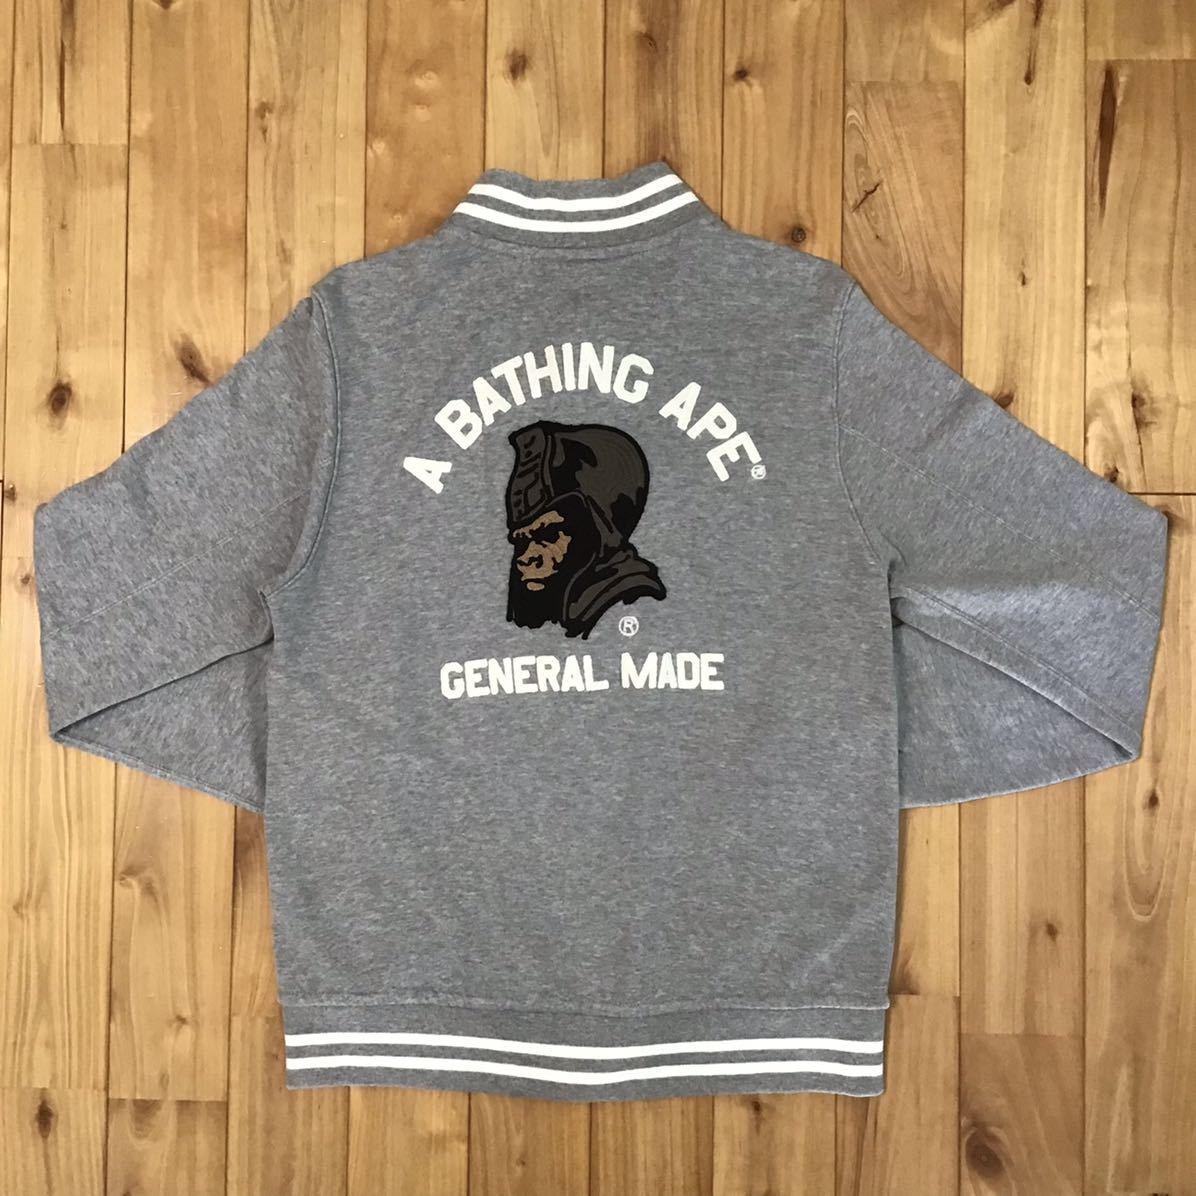 General スウェット スタジャン Sサイズ a bathing ape BAPE sweat varsity jacket エイプ ベイプ アベイシングエイプ vintag nigo g80